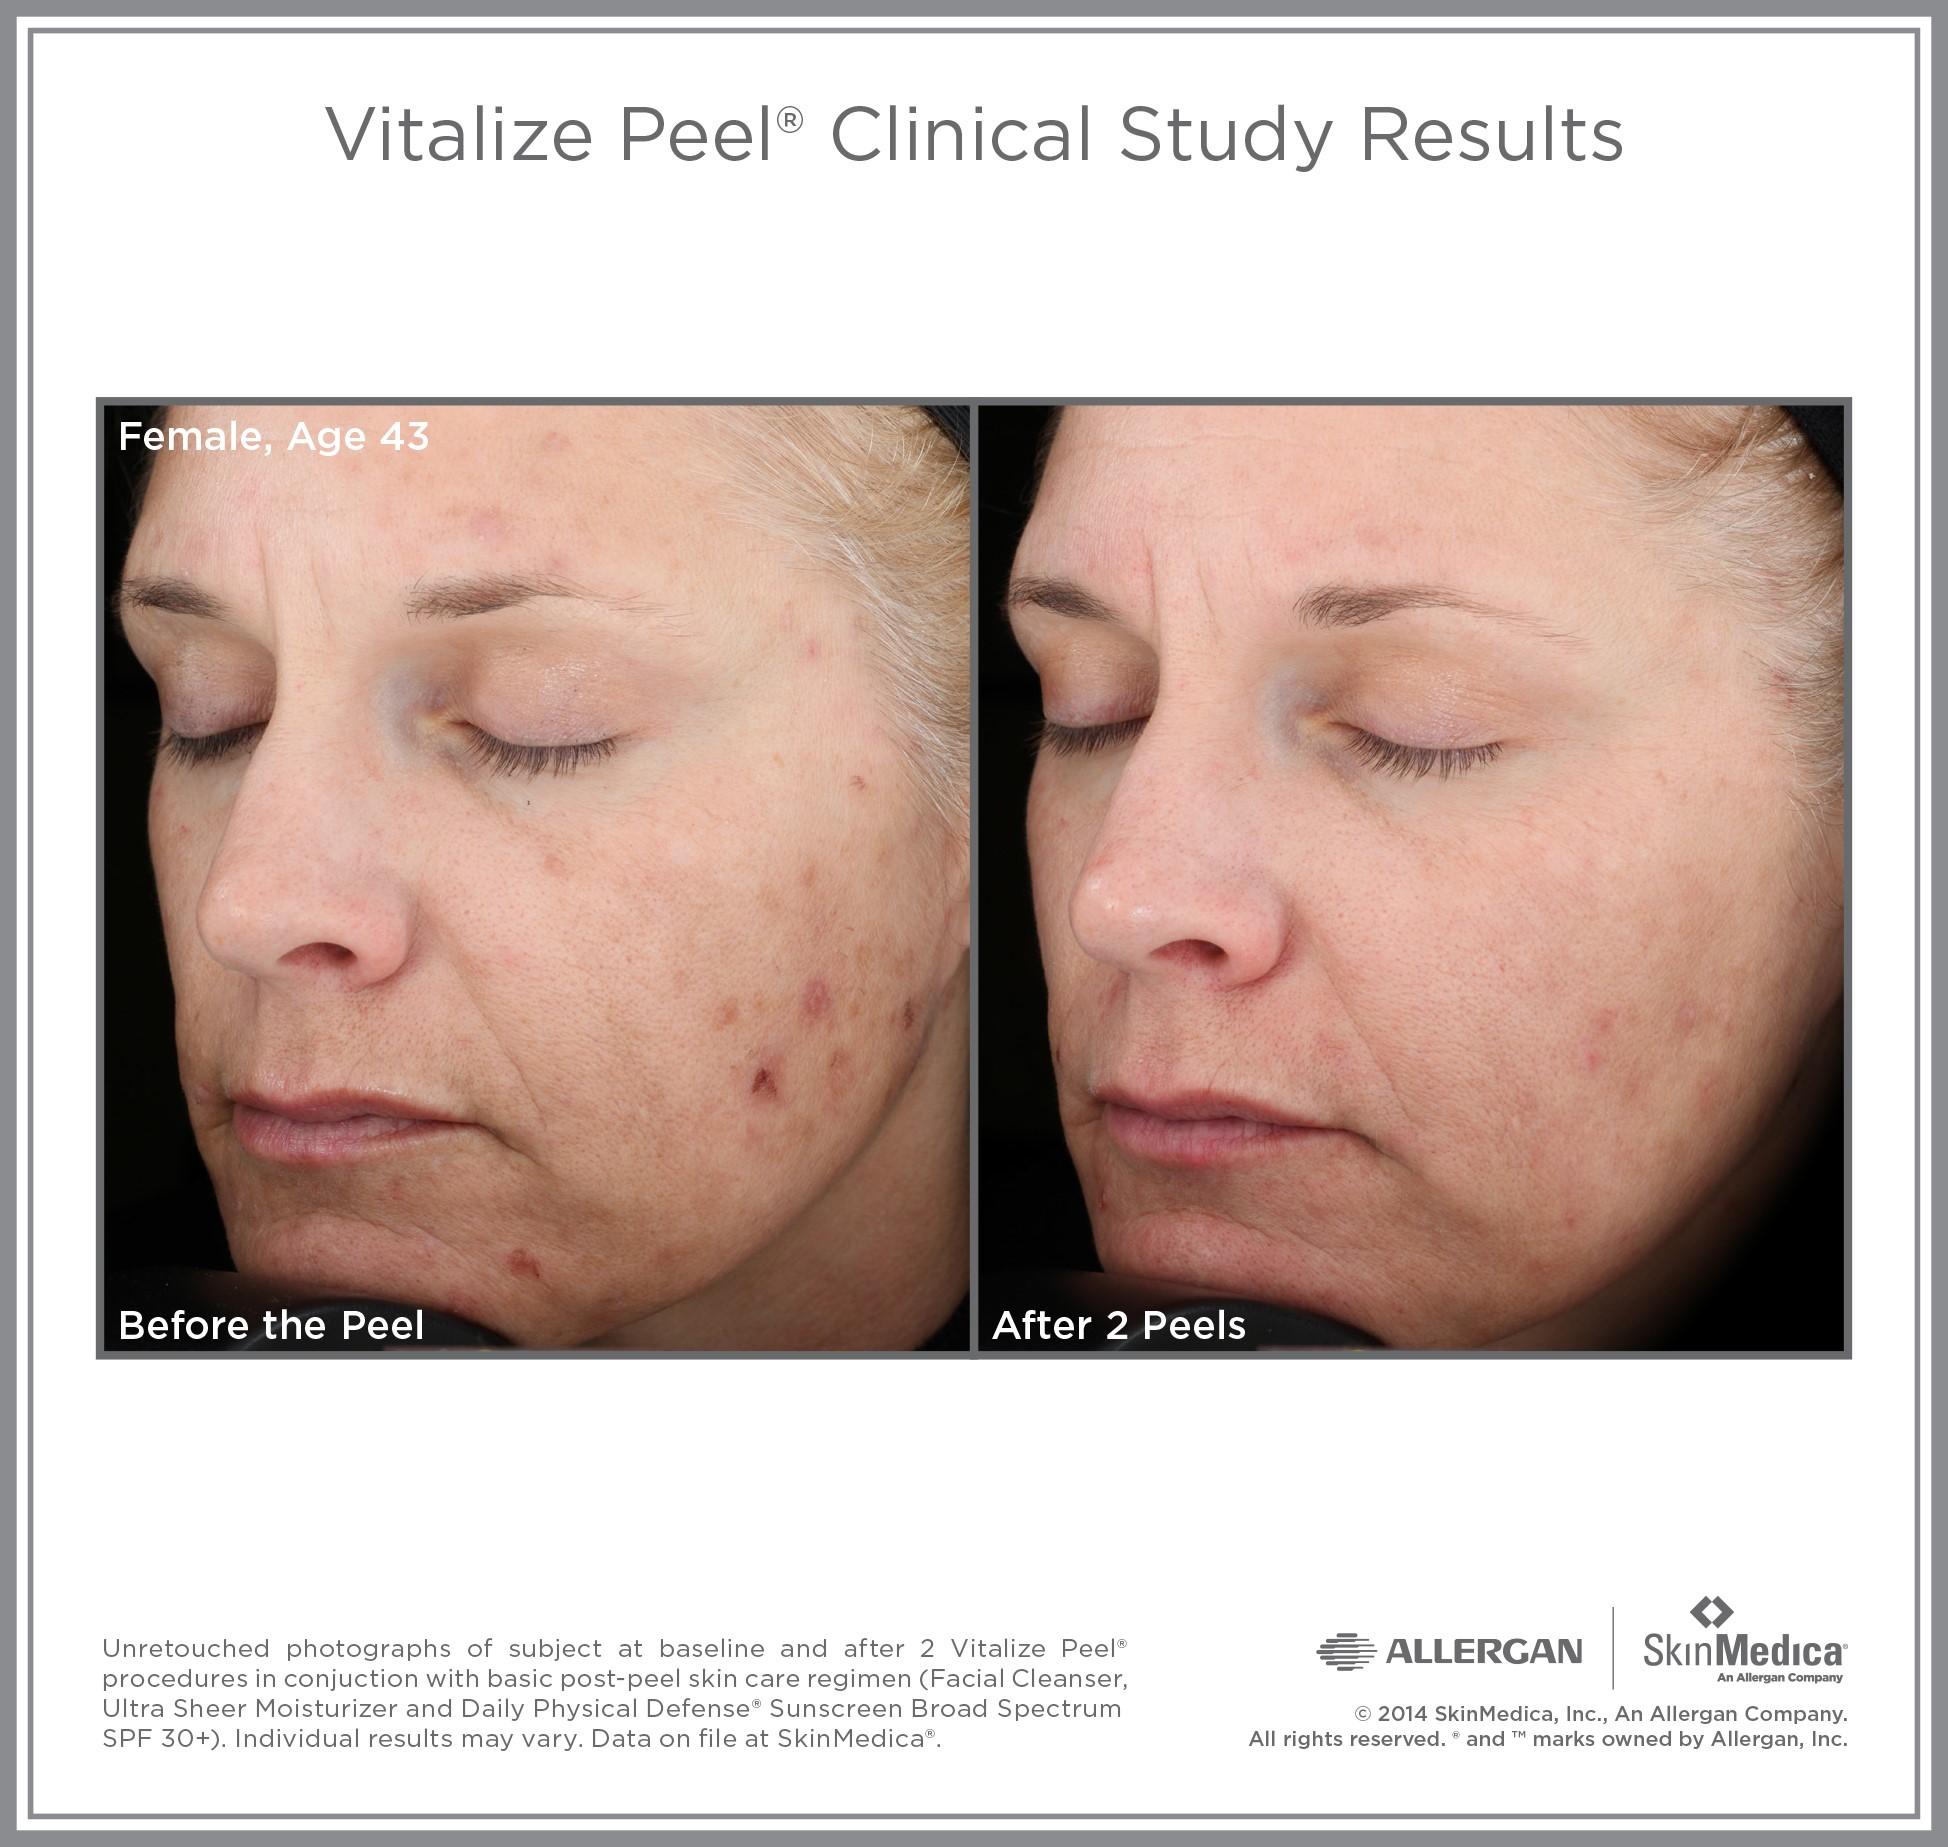 Vit_Peel_CS_Female_Age43.jpg